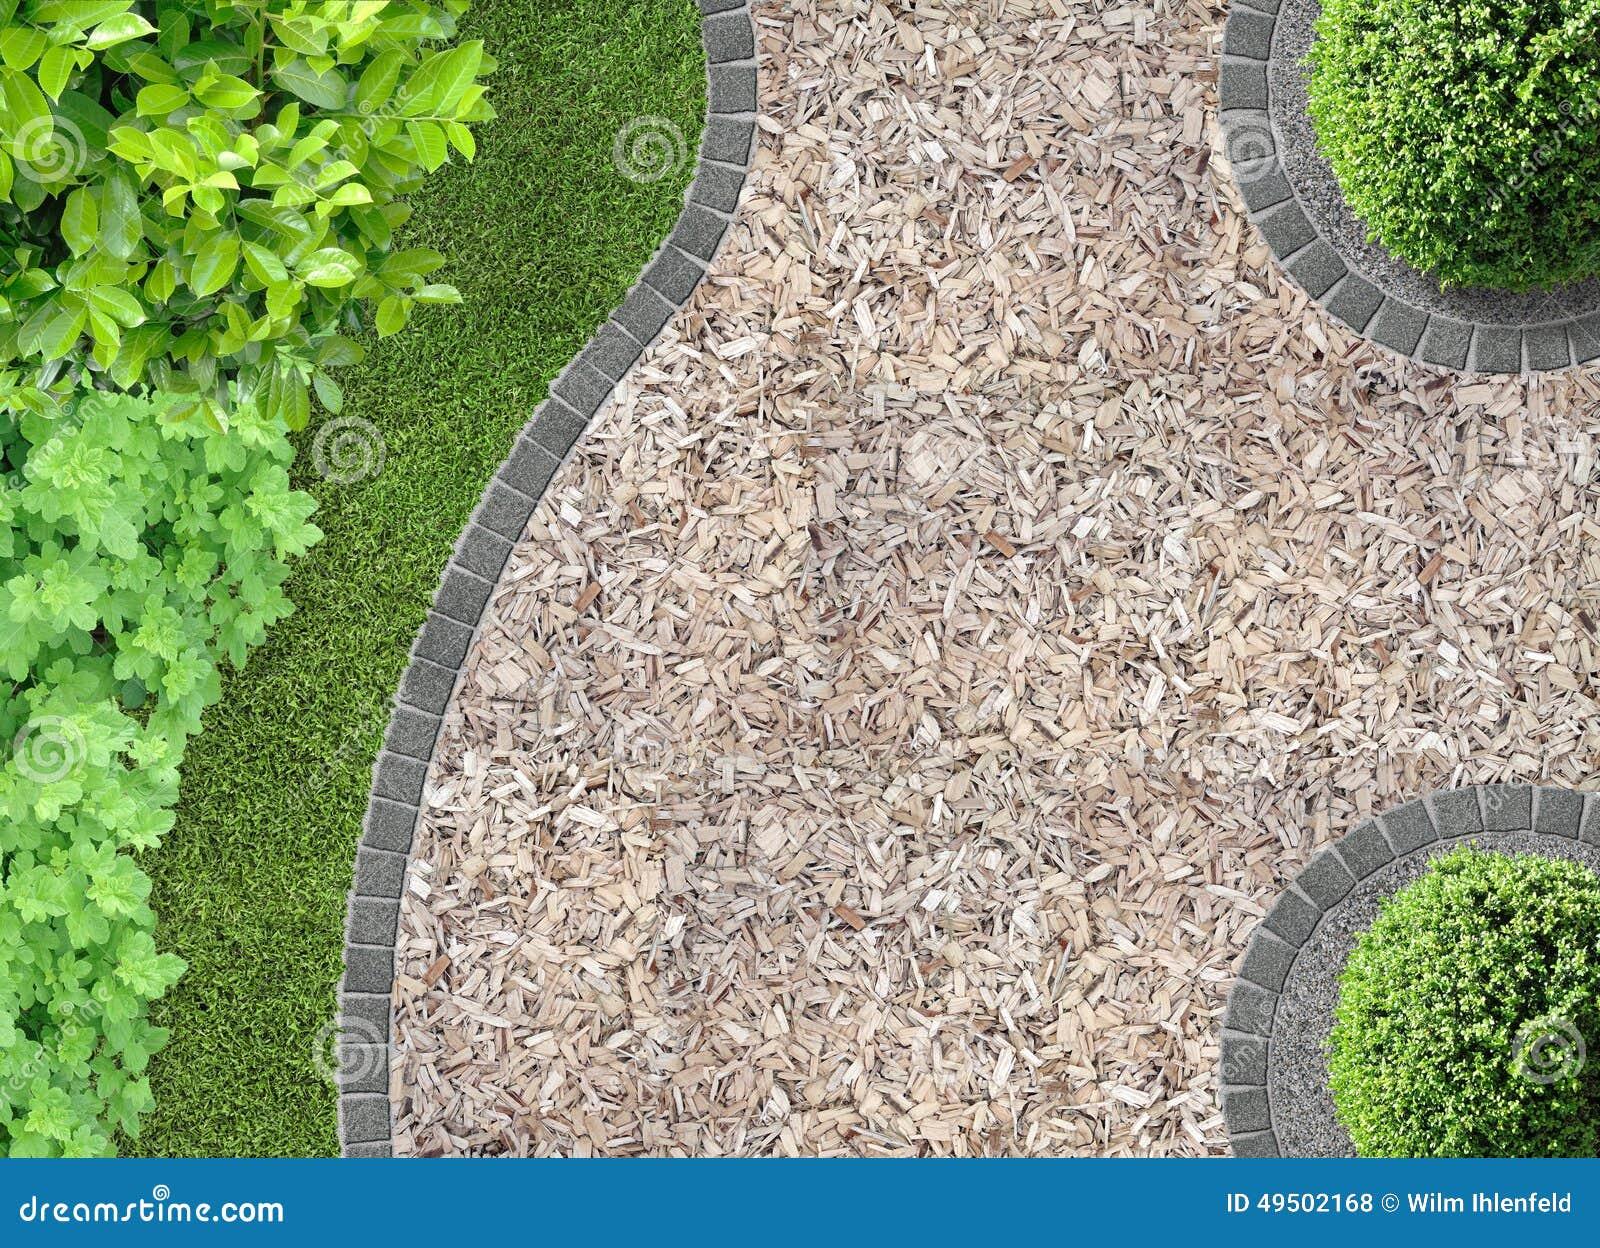 Pula della corteccia nel giardino fotografia stock for Spruzzatori giardino